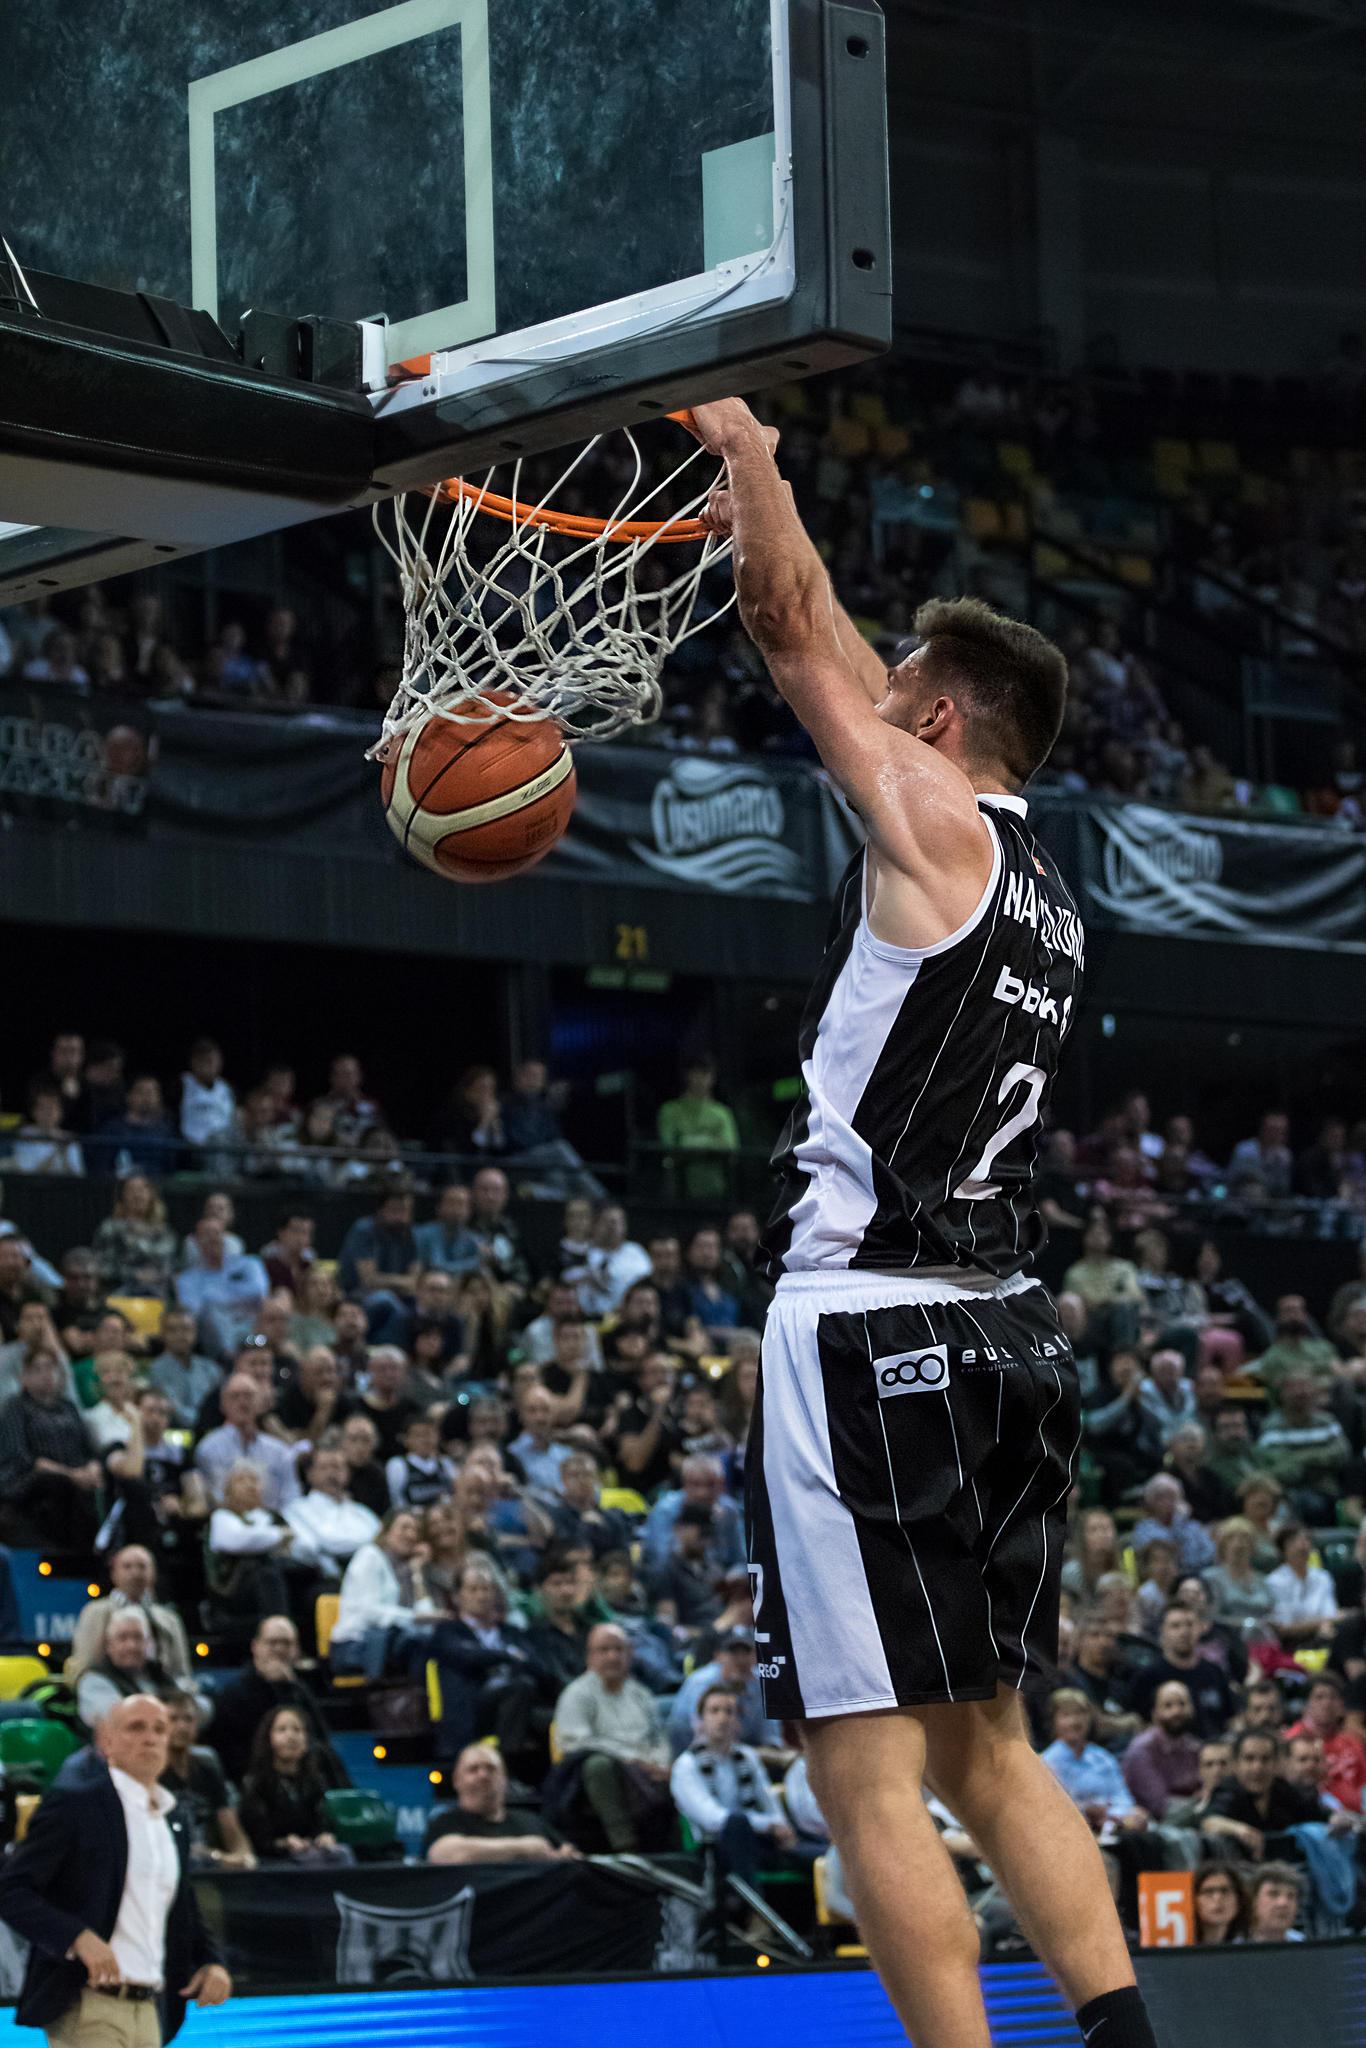 Matulionis hunde el balón en el aro rival | Foto: Luis Fernando Boo.